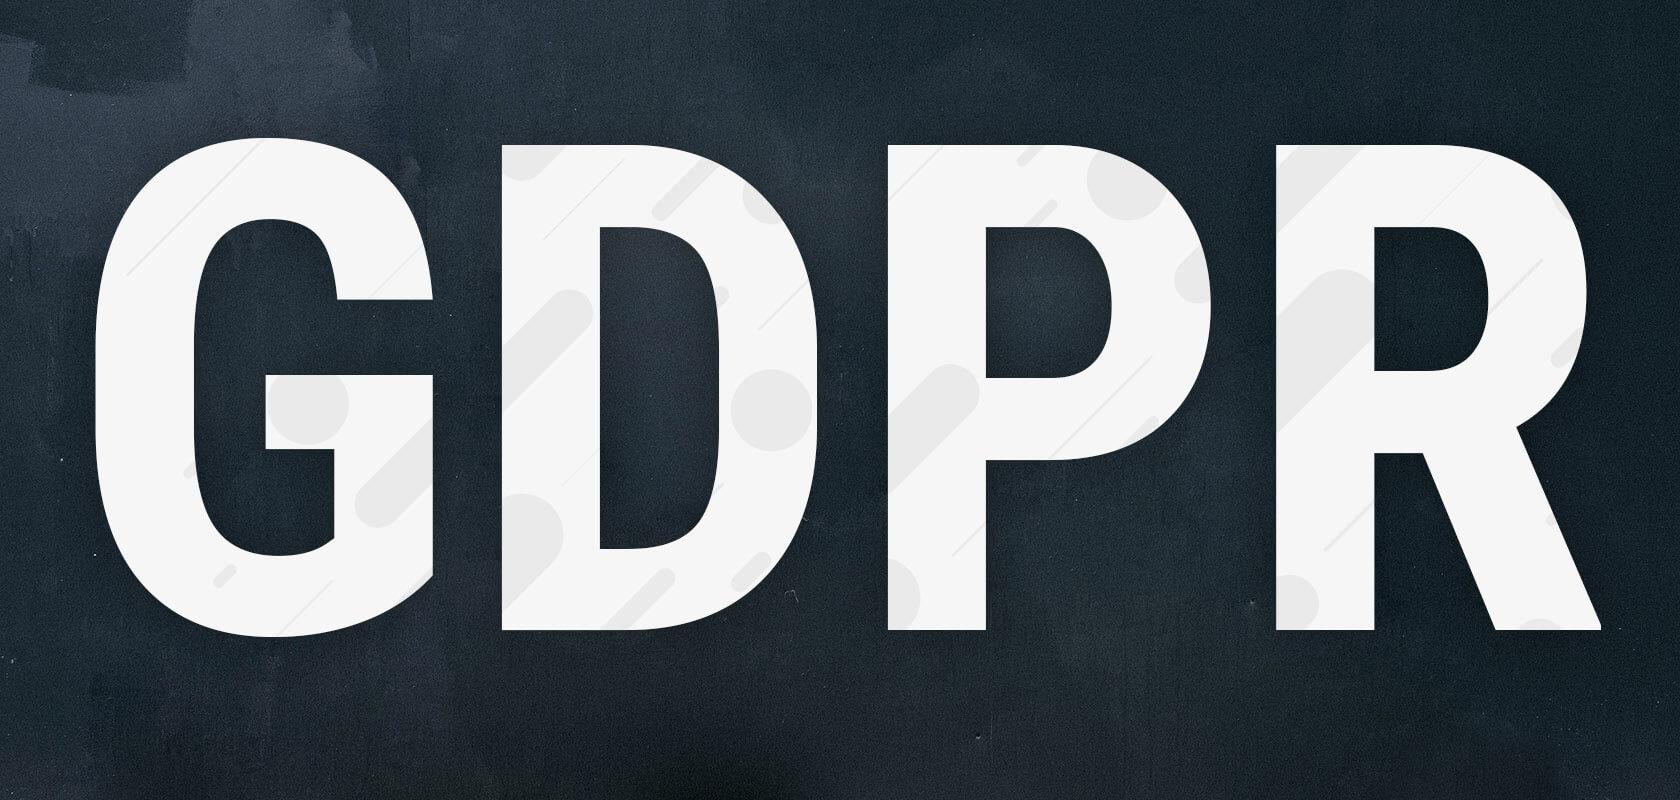 GDPR - что это такое